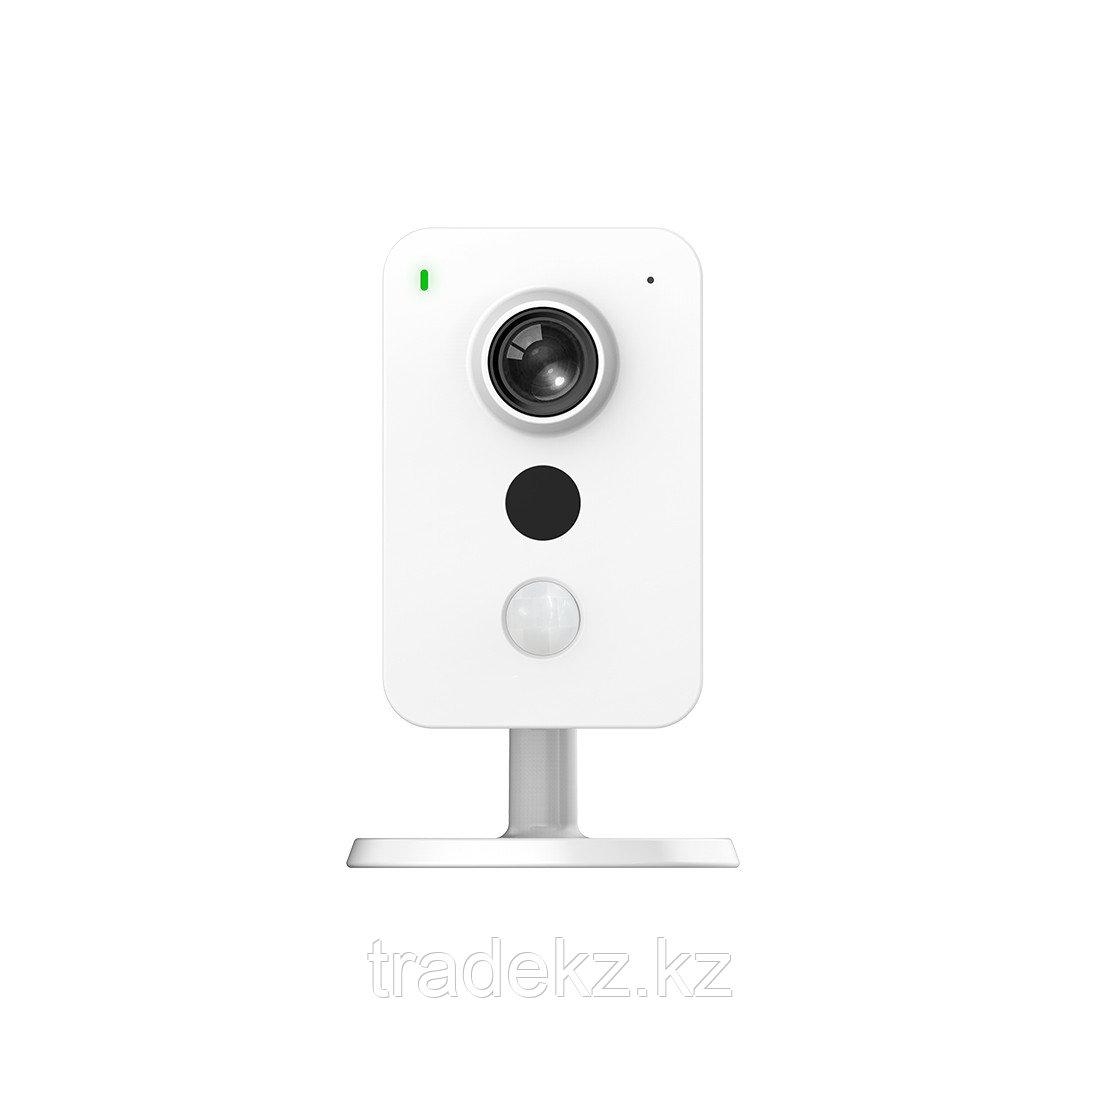 Интернет-камера, Wi-Fi видеокамера Imou IPC-K22